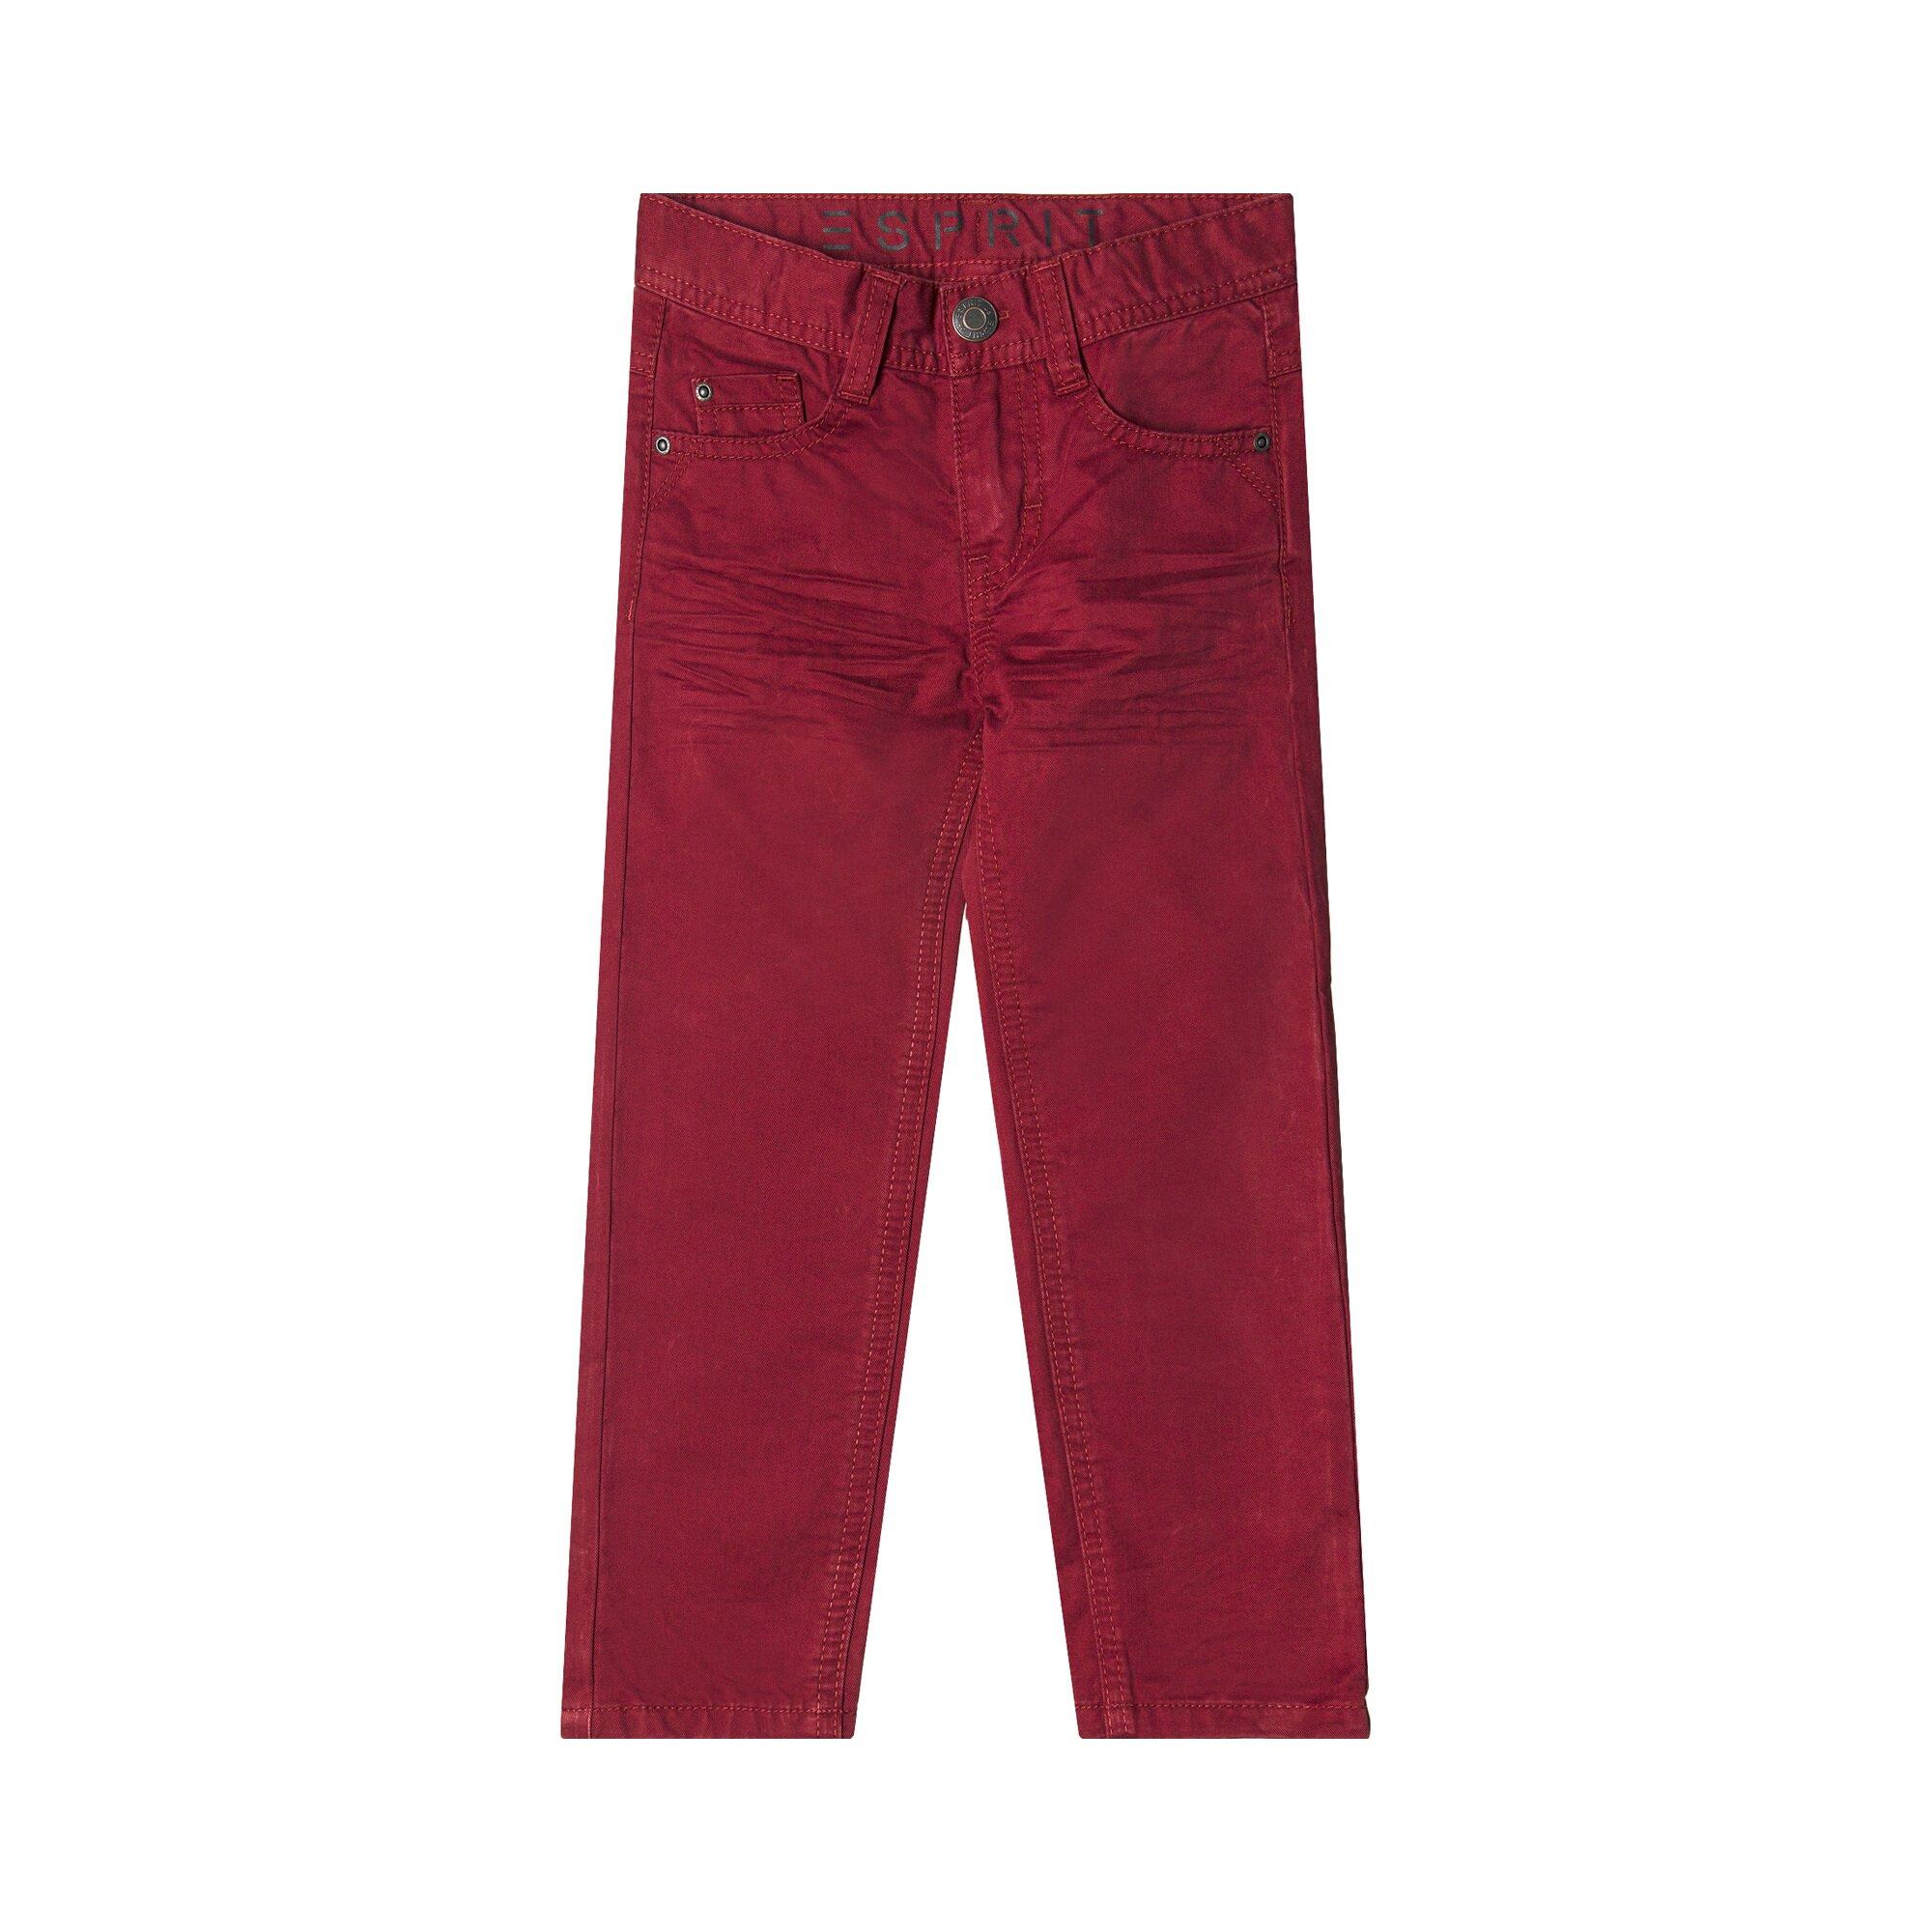 Esprit Hose 5 Pocket